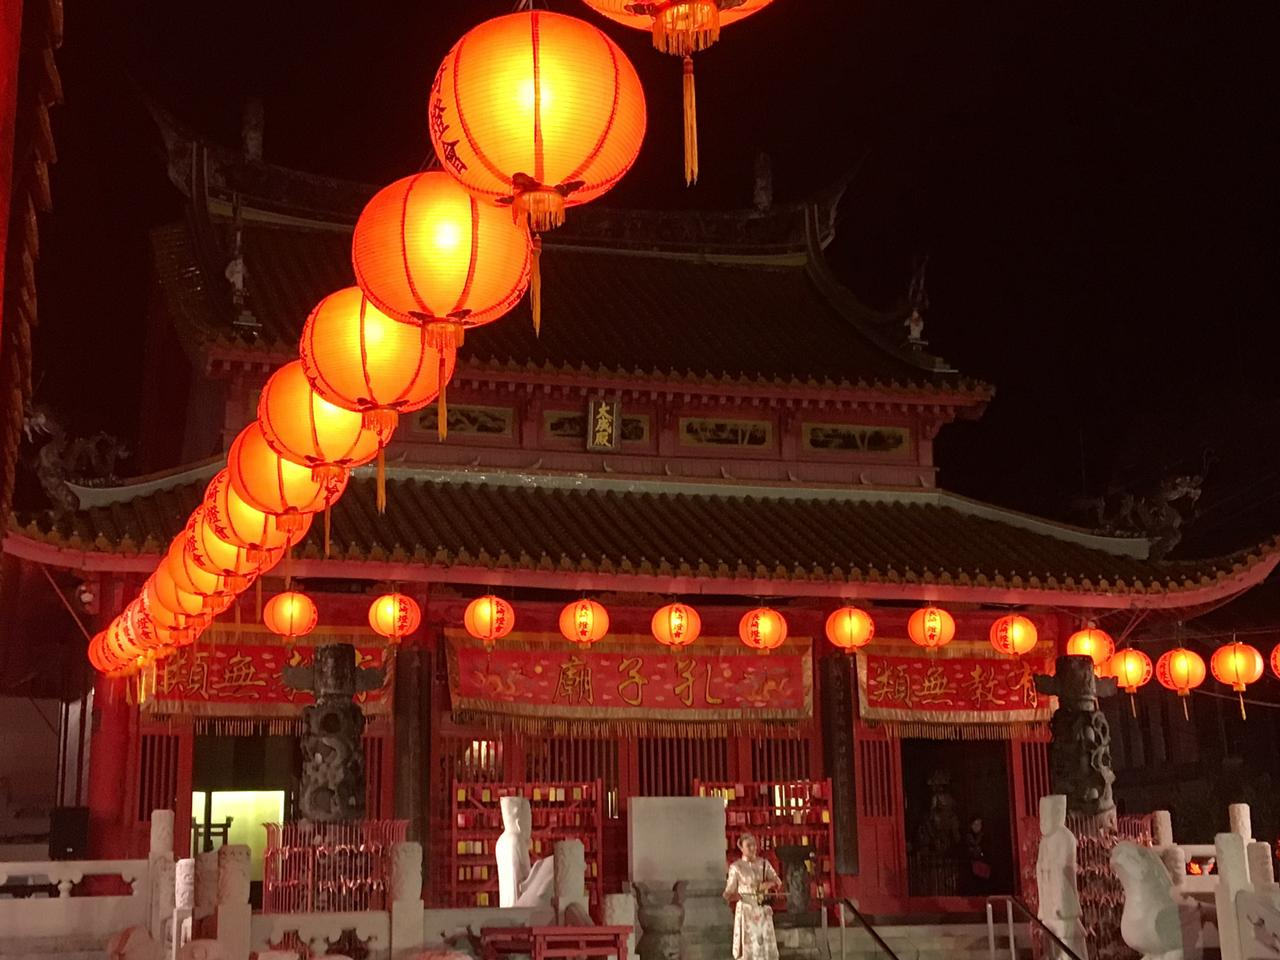 画像: 二胡(中国の伝統的な擦弦楽器の一種)の演奏